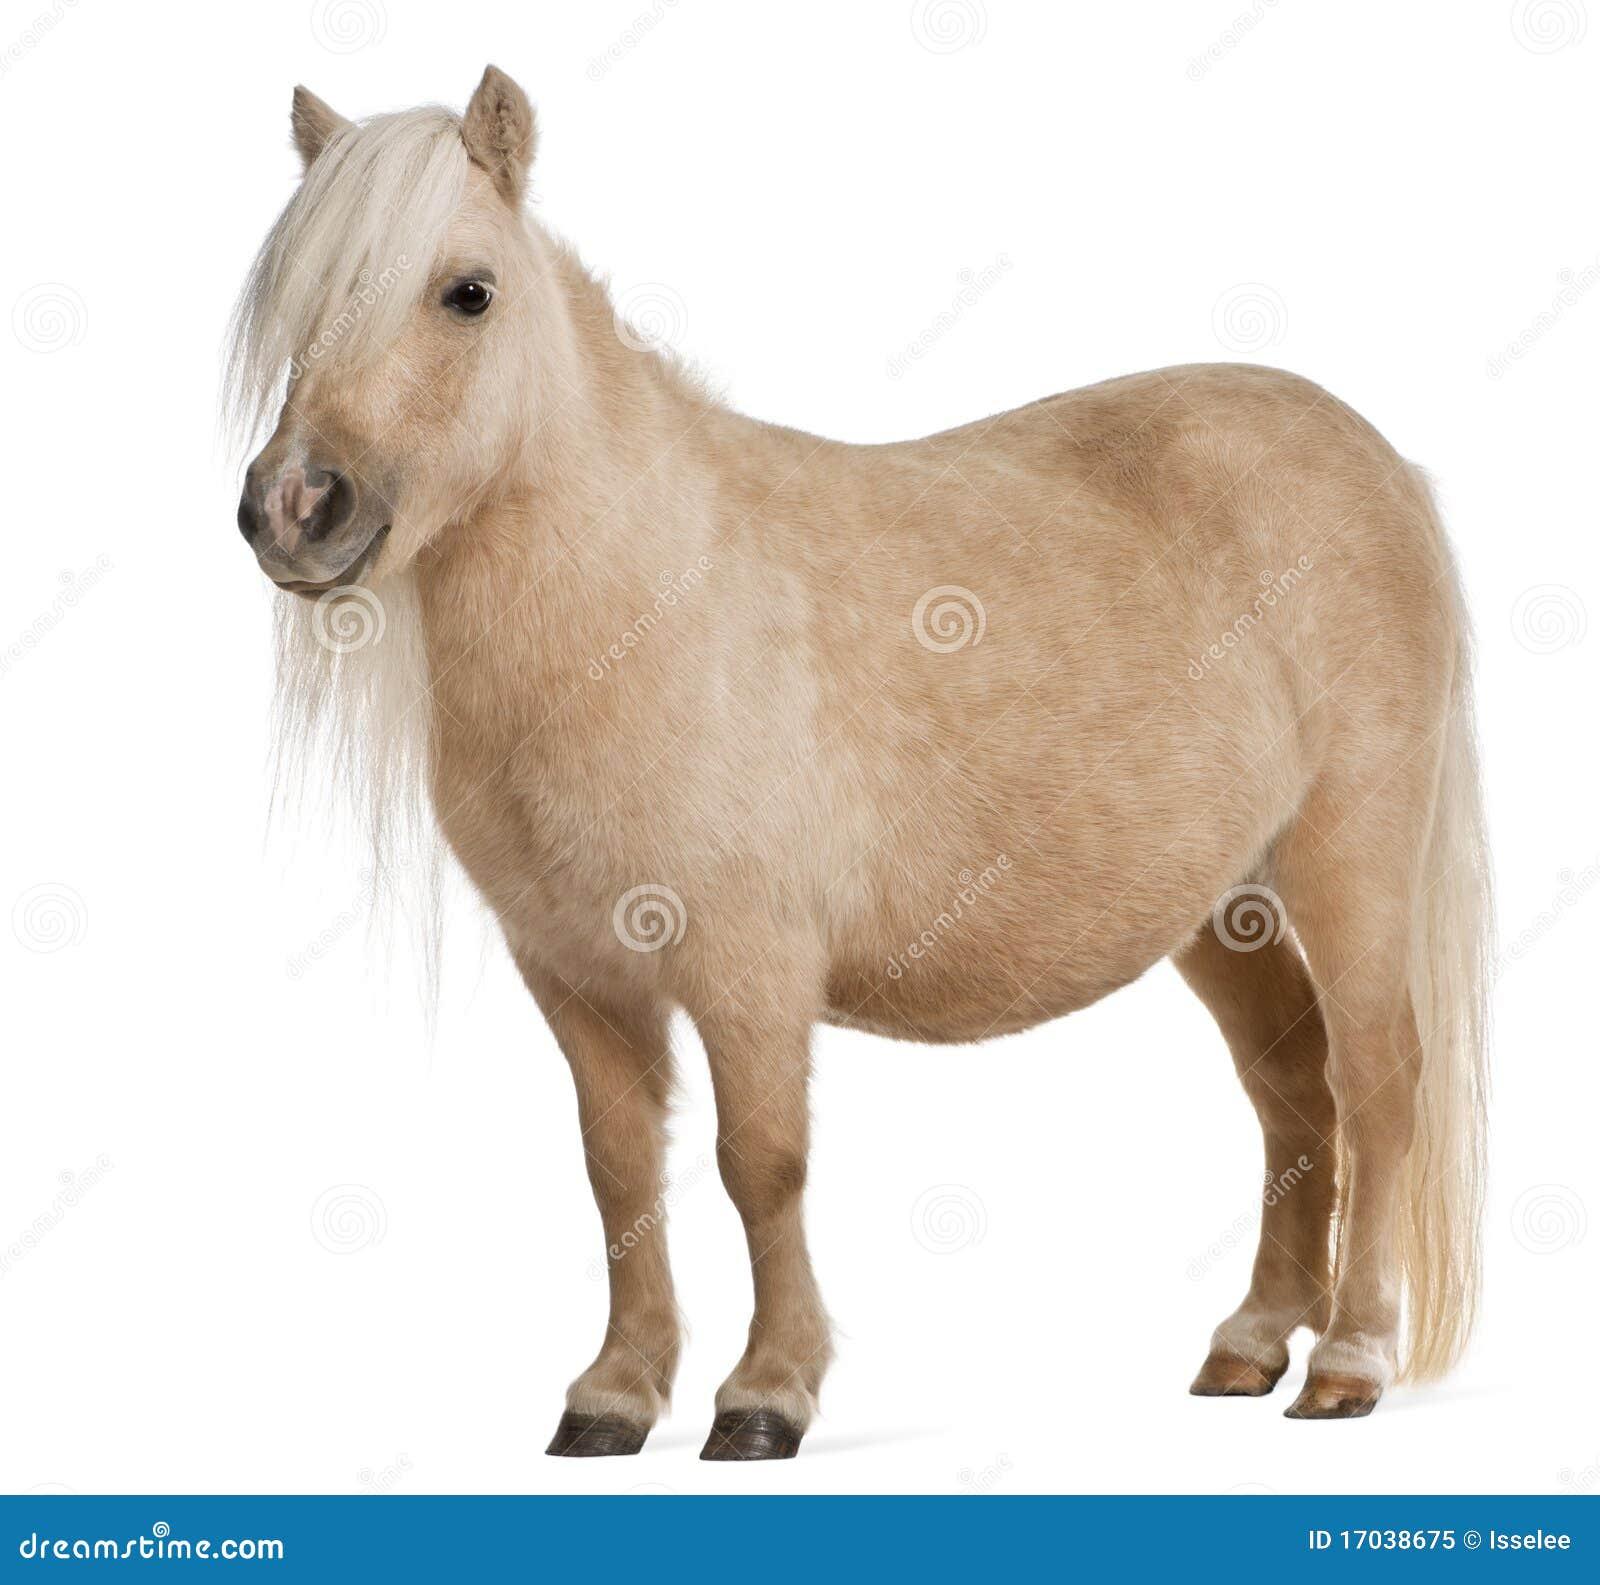 Palomino Shetland pony, Equus caballus